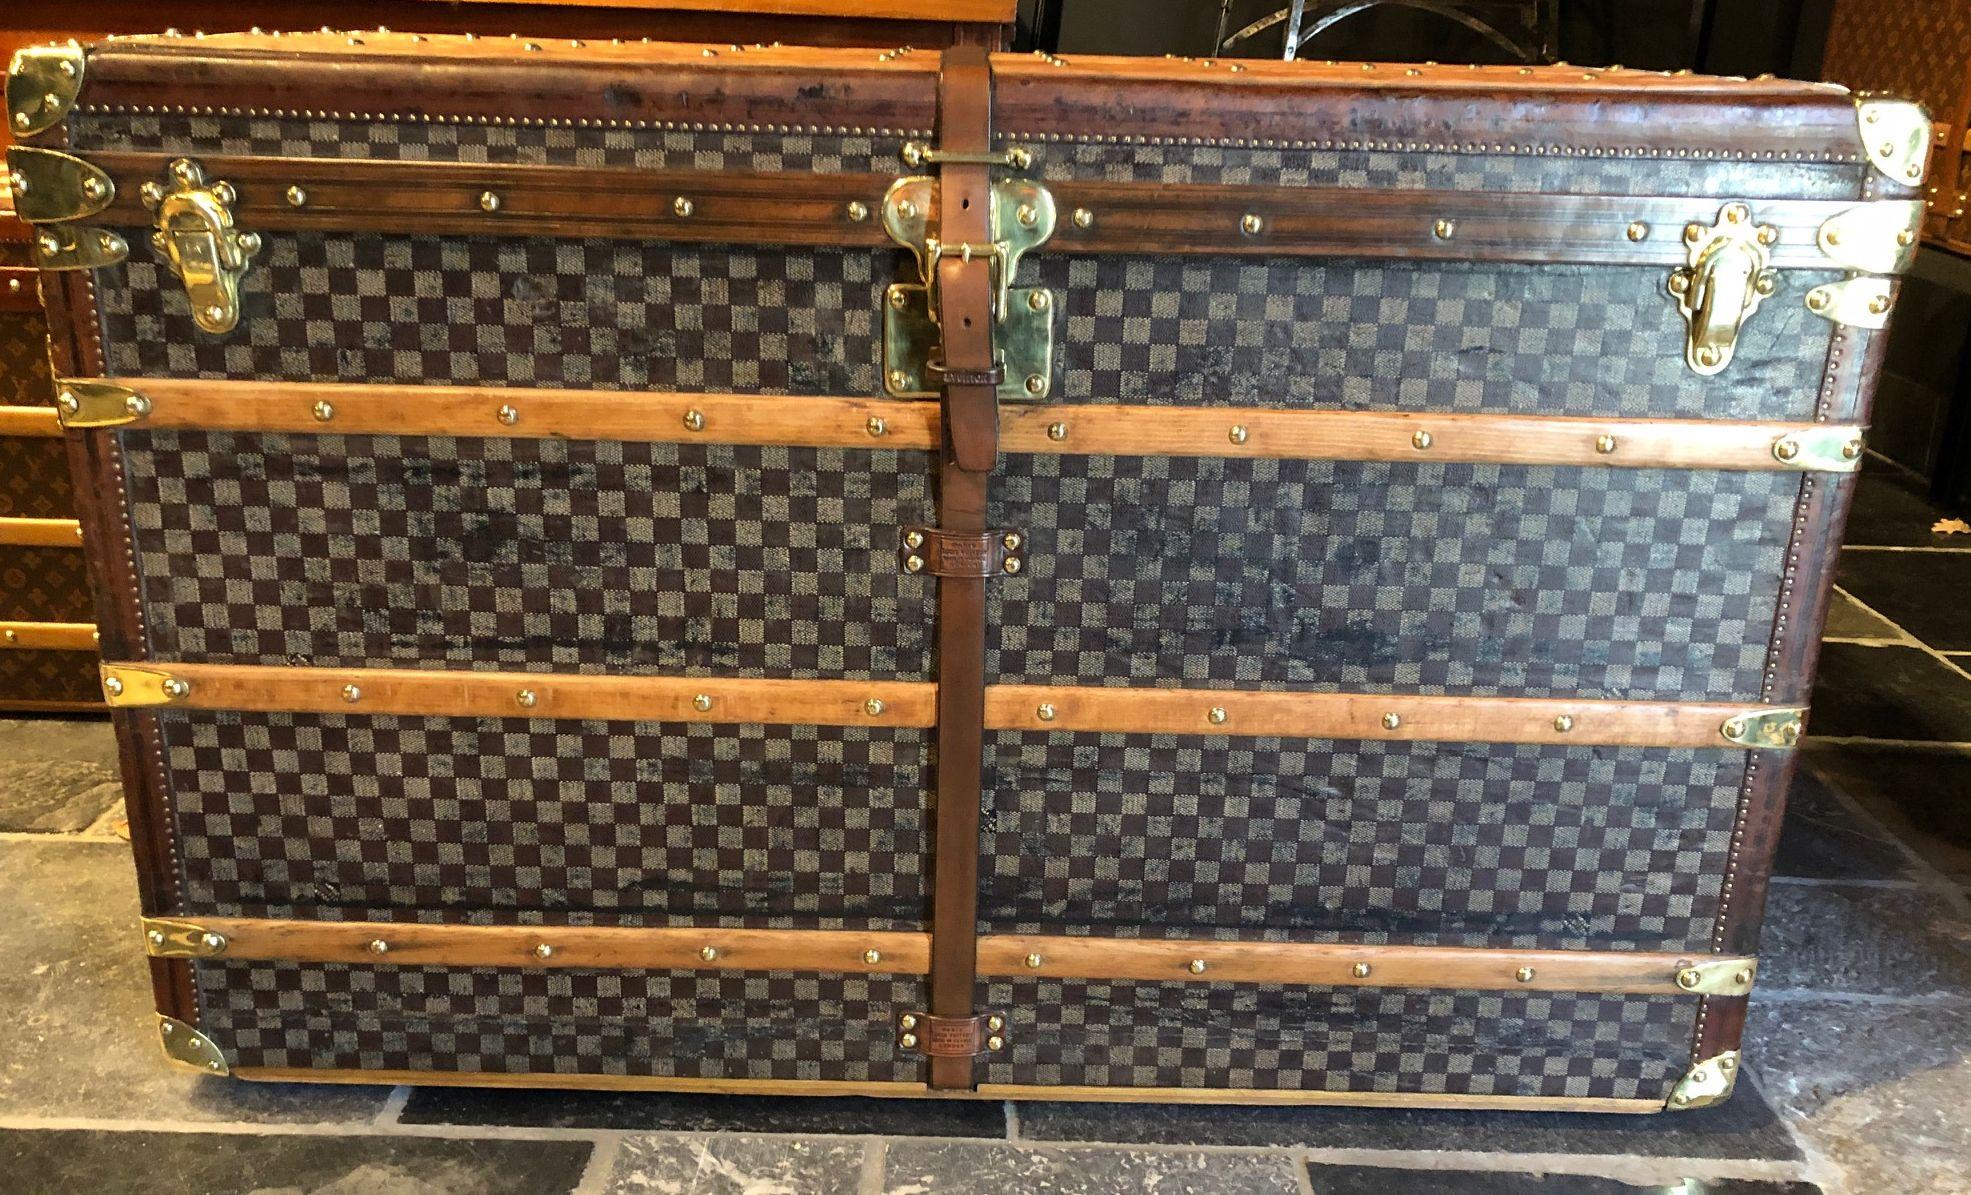 Grosse antike Reisetruhe von Louis Vuitton 110 Damier Schachbrettmuster. Nur die allerwenigsten Dachbodenfunde haben das Potential nach 6-10 Wochen mühevoller Kleinarbeit so auszusehen.